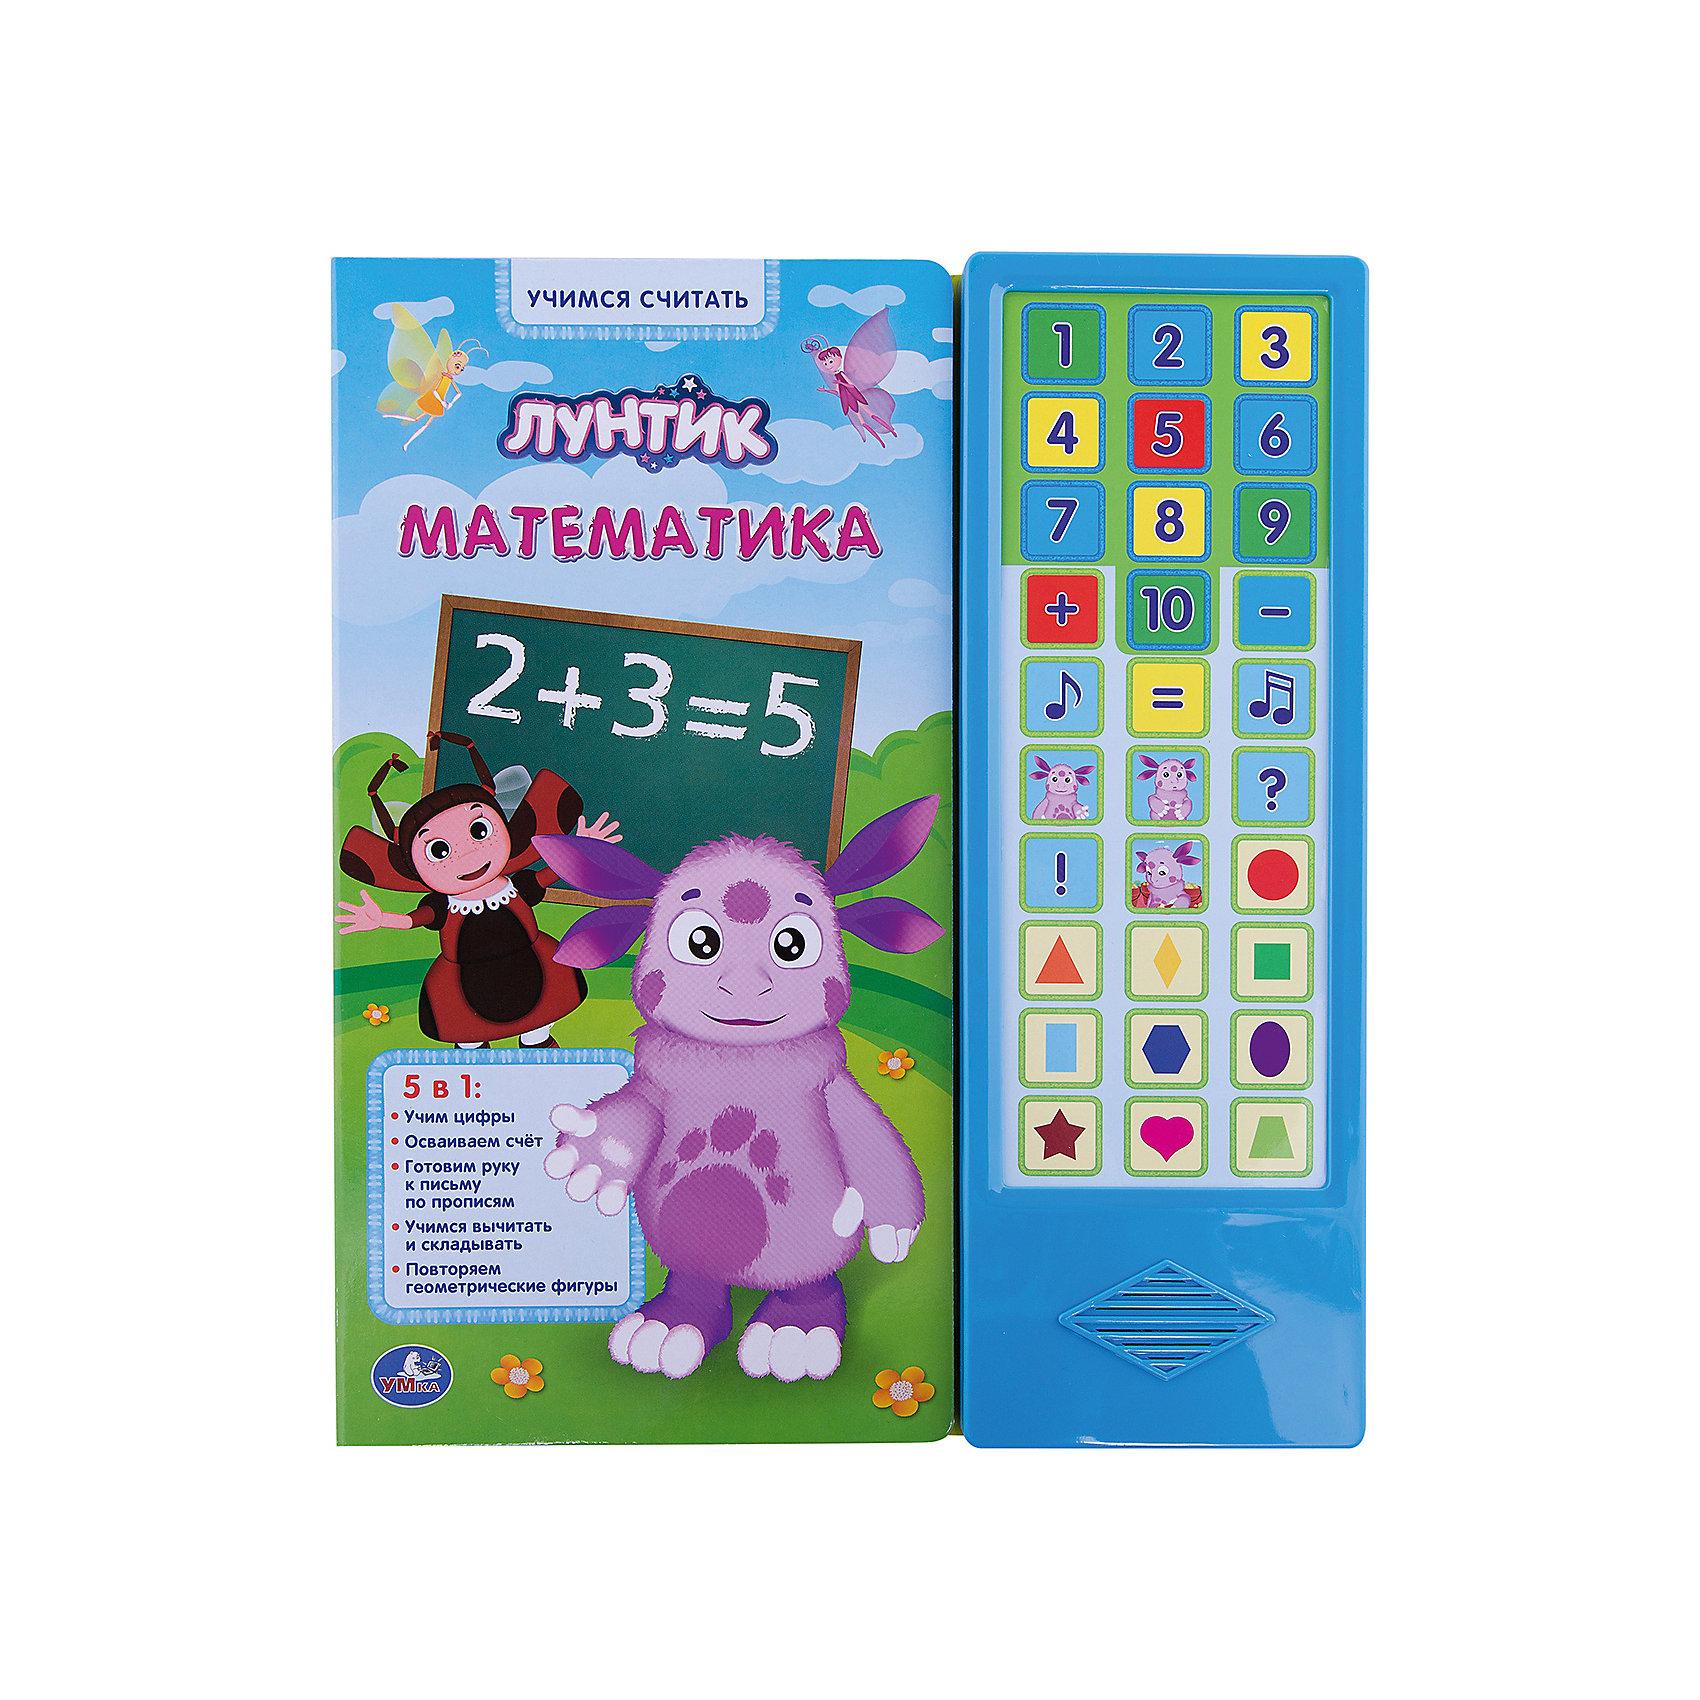 Книга с 30 кнопками Математика, ЛунтикОбучение счету<br>Эта красочная книга разработана при участии педагогов, она станет прекрасным пособием для начальной подготовки к школе. Книга научит детей считать до 20, поможет освоить навыки сложения и вычитания, вспомнить геометрические фигуры. Плотные страницы очень удобно переворачивать, так же на них можно писать или рисовать фломастером, а потом стирать. Любимый герой и красочные иллюстрации сделают занятия увлекательными, веселыми и интересными. <br><br>Дополнительная информация:<br><br>- Формат: 25,5х29,5 см<br>- Переплет: картон.<br>- Количество страниц: 16.<br>- Иллюстрации: цветные.<br>- Элемент питания: 3  AAA  батарейки в комплекте. <br> <br>Книгу с 30 кнопками Математика, Лунтик, можно купить в нашем магазине.<br><br>Ширина мм: 260<br>Глубина мм: 300<br>Высота мм: 20<br>Вес г: 720<br>Возраст от месяцев: 12<br>Возраст до месяцев: 60<br>Пол: Унисекс<br>Возраст: Детский<br>SKU: 4053305